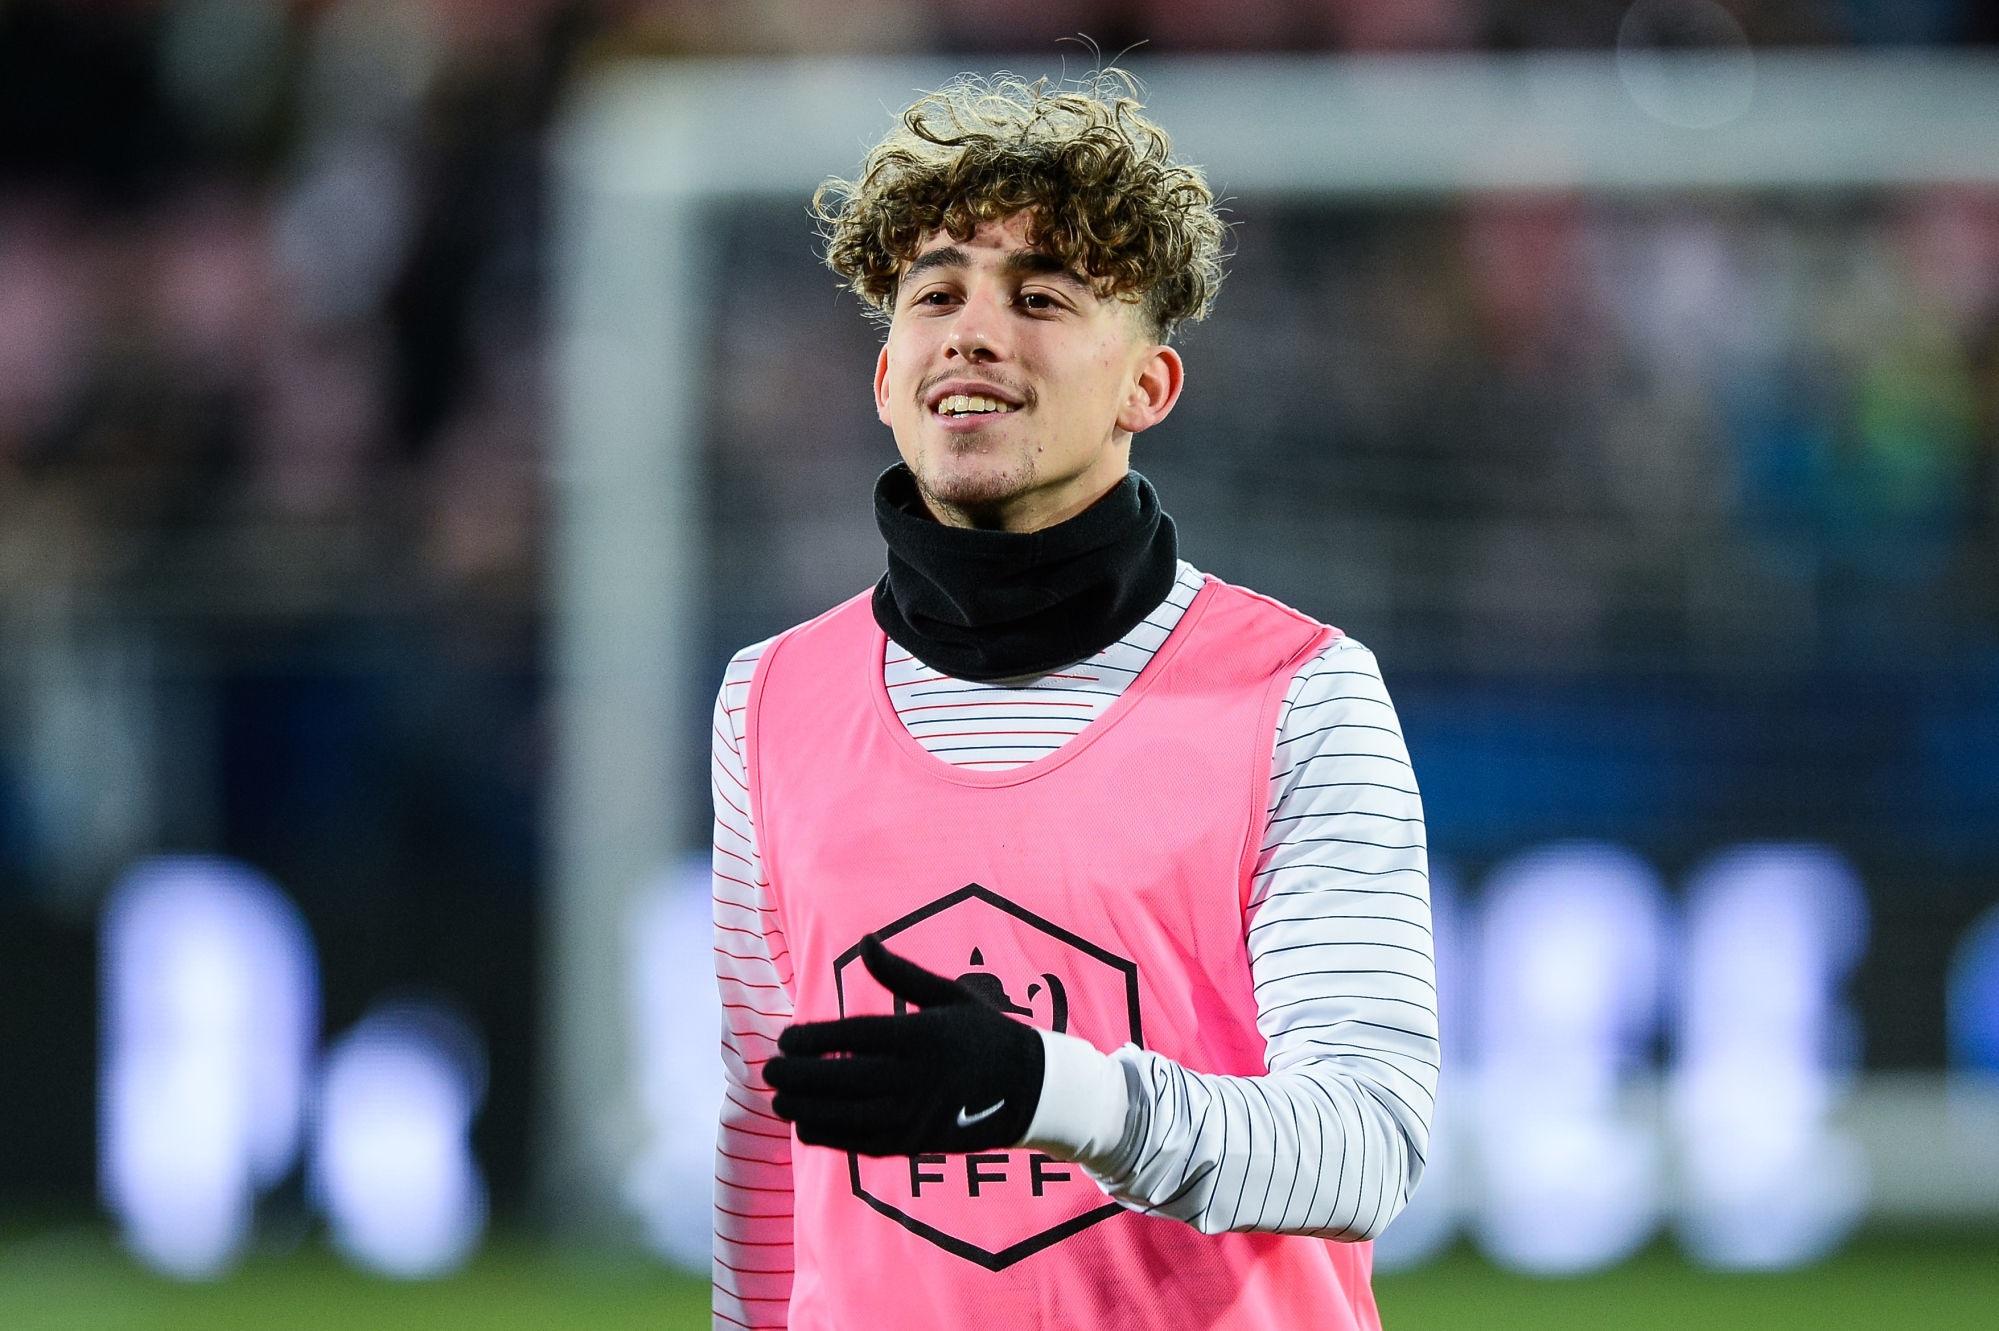 Mercato - Le PSG propose à Aouchiche de prendre la place de Draxler, indique RMC Sport